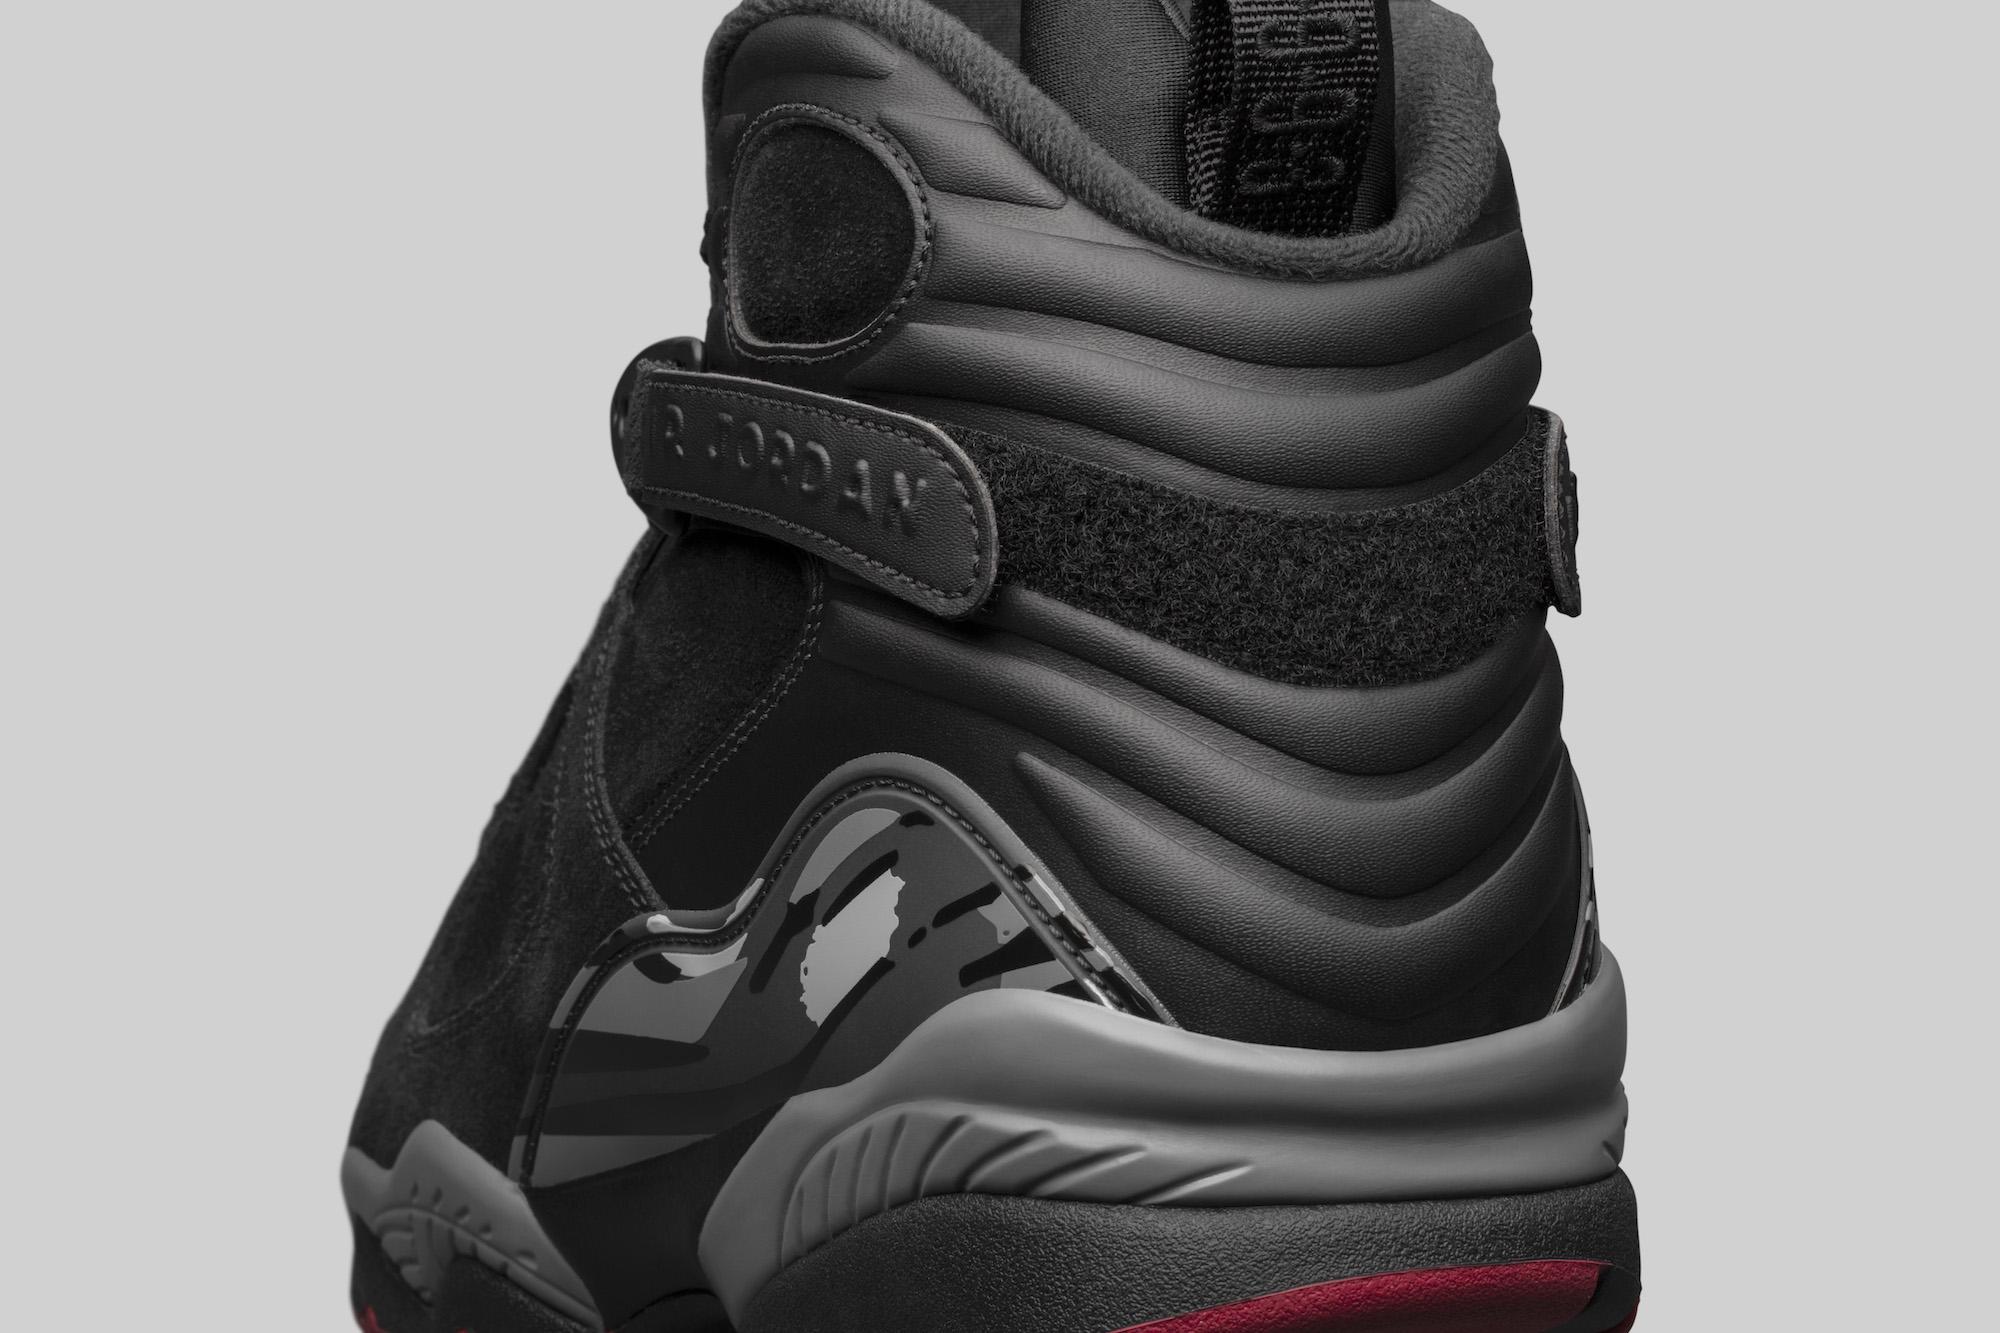 bae92dda2dc2 Air Jordan 8 cement 4 - WearTesters